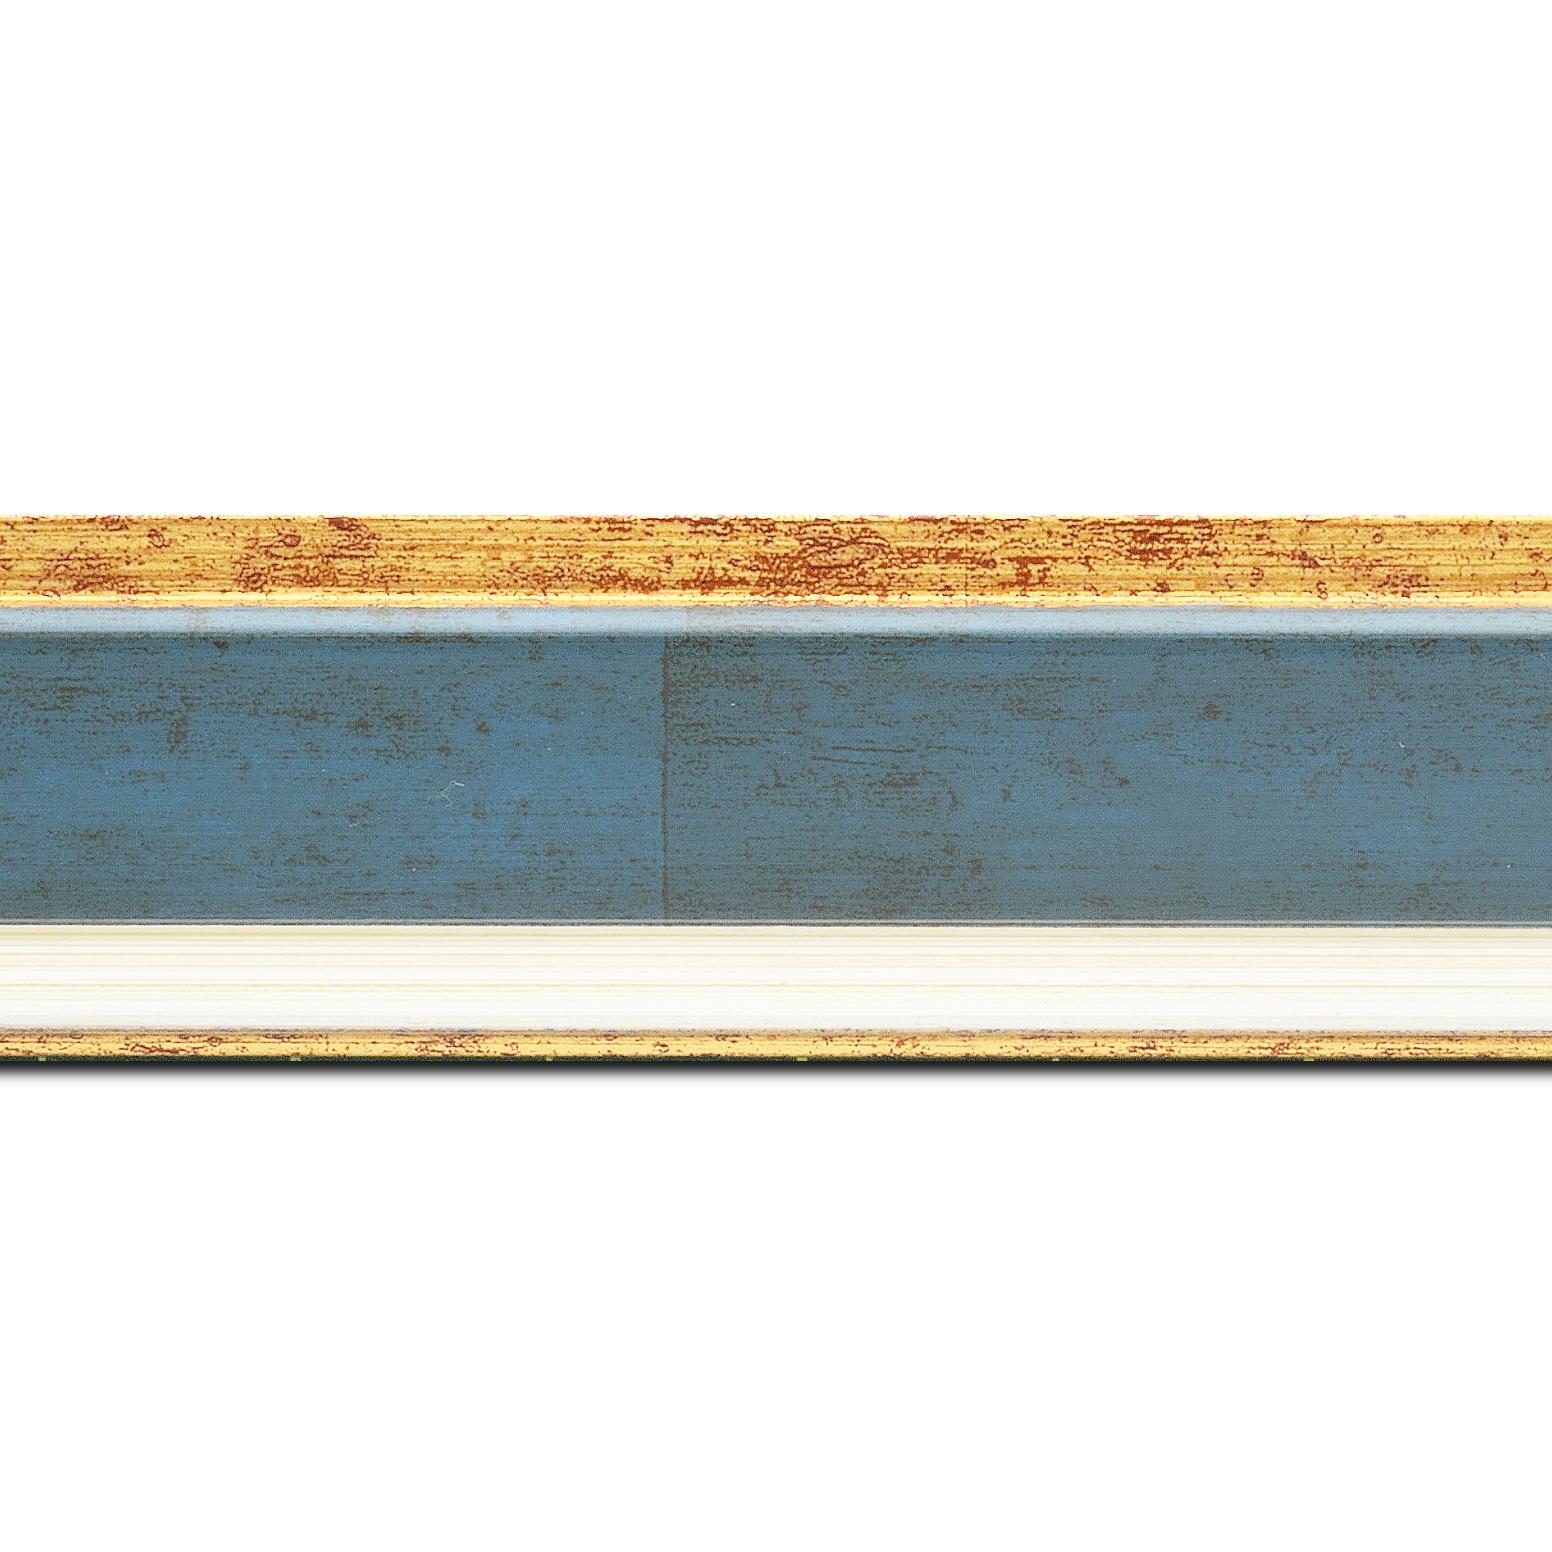 Pack par 12m, bois profil incliné largeur 5.4cm couleur bleu cobalt marie louise crème filet or intégrée(longueur baguette pouvant varier entre 2.40m et 3m selon arrivage des bois)